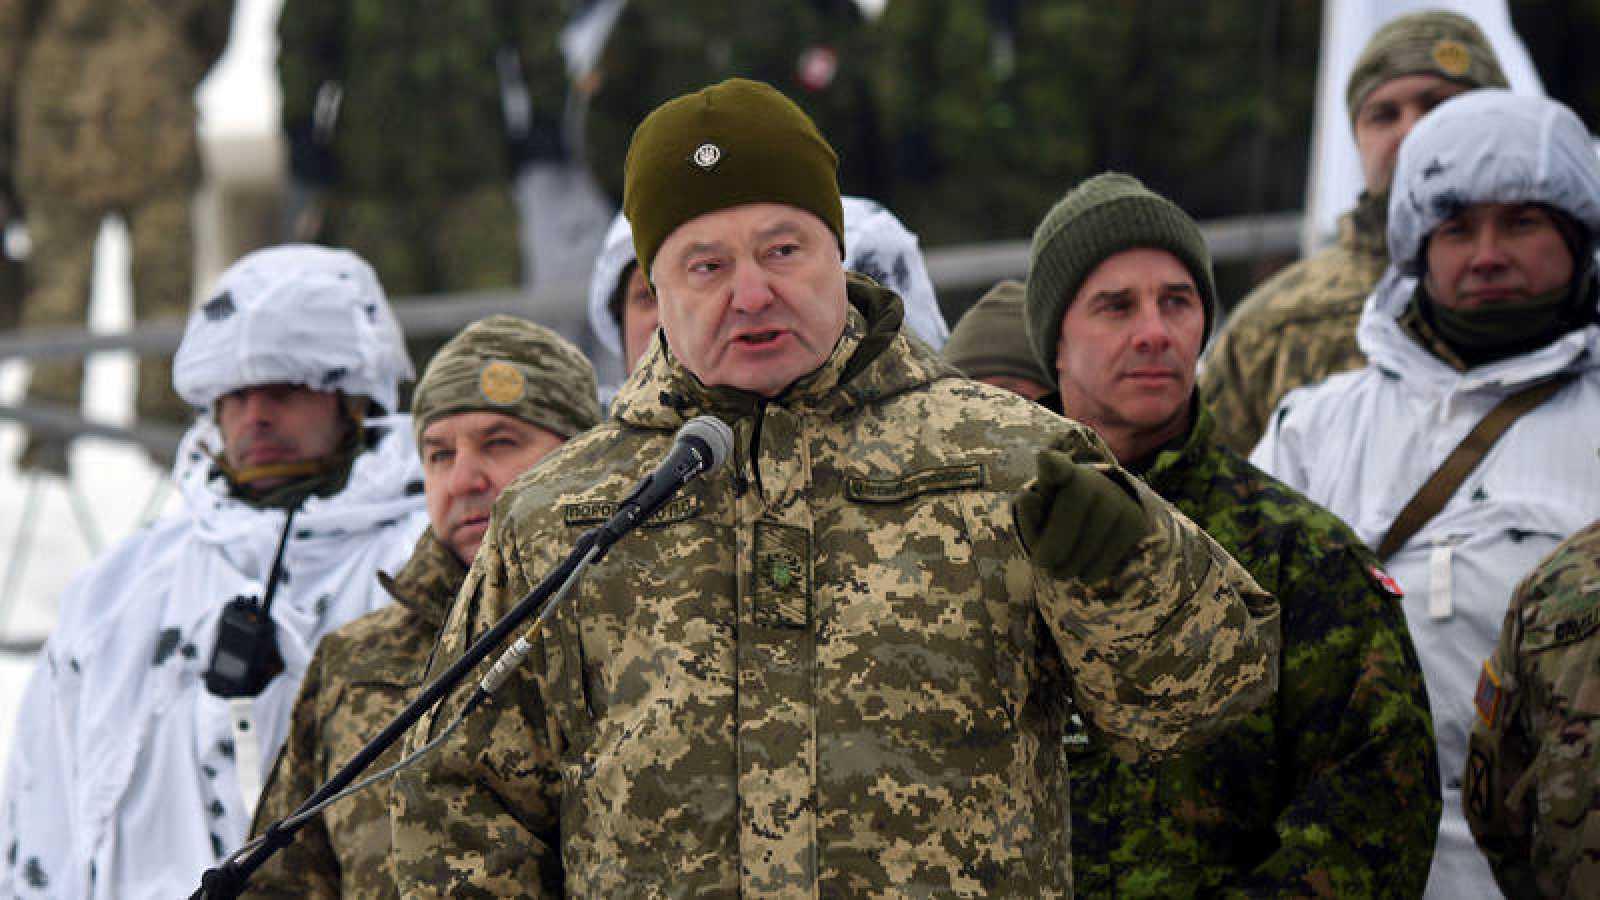 El presidente ucraniano Petró Poroshenko habla a una unidad militar durante unos ejercicios tácticos en Chernihiv